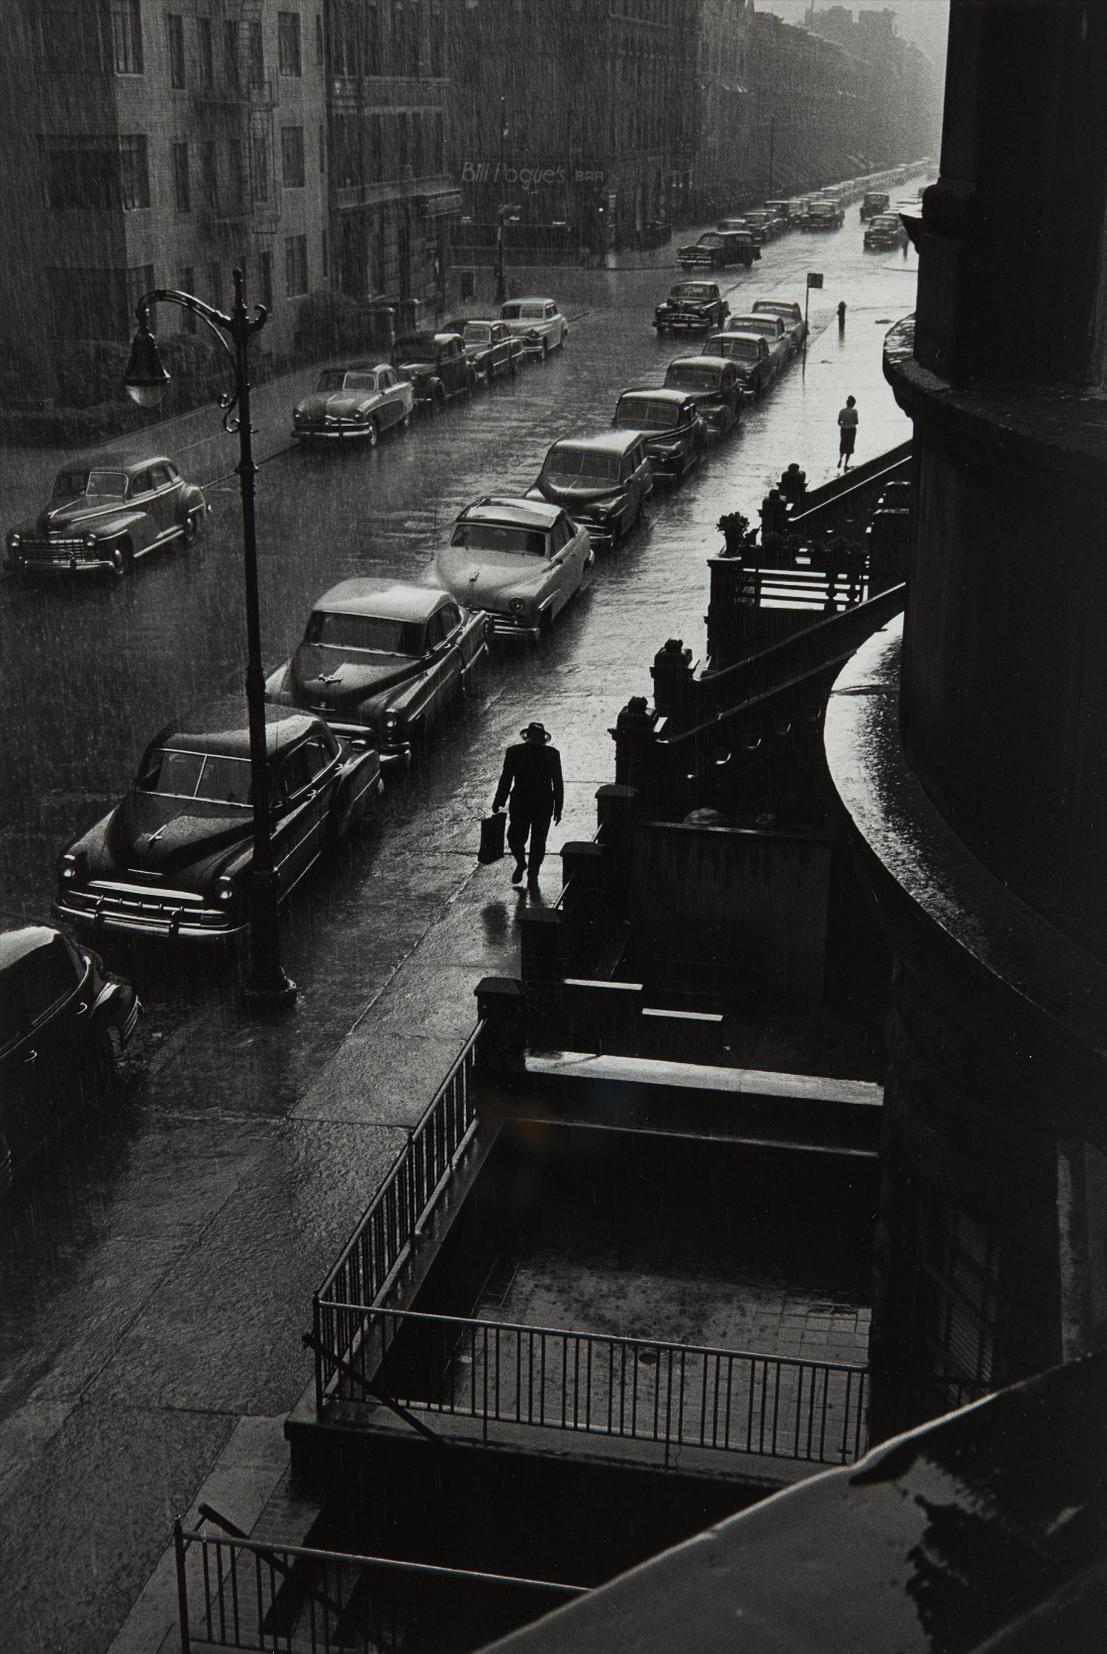 Ruth Orkin-Man In Rain, W. 88Th St., N.Y.C.-1952